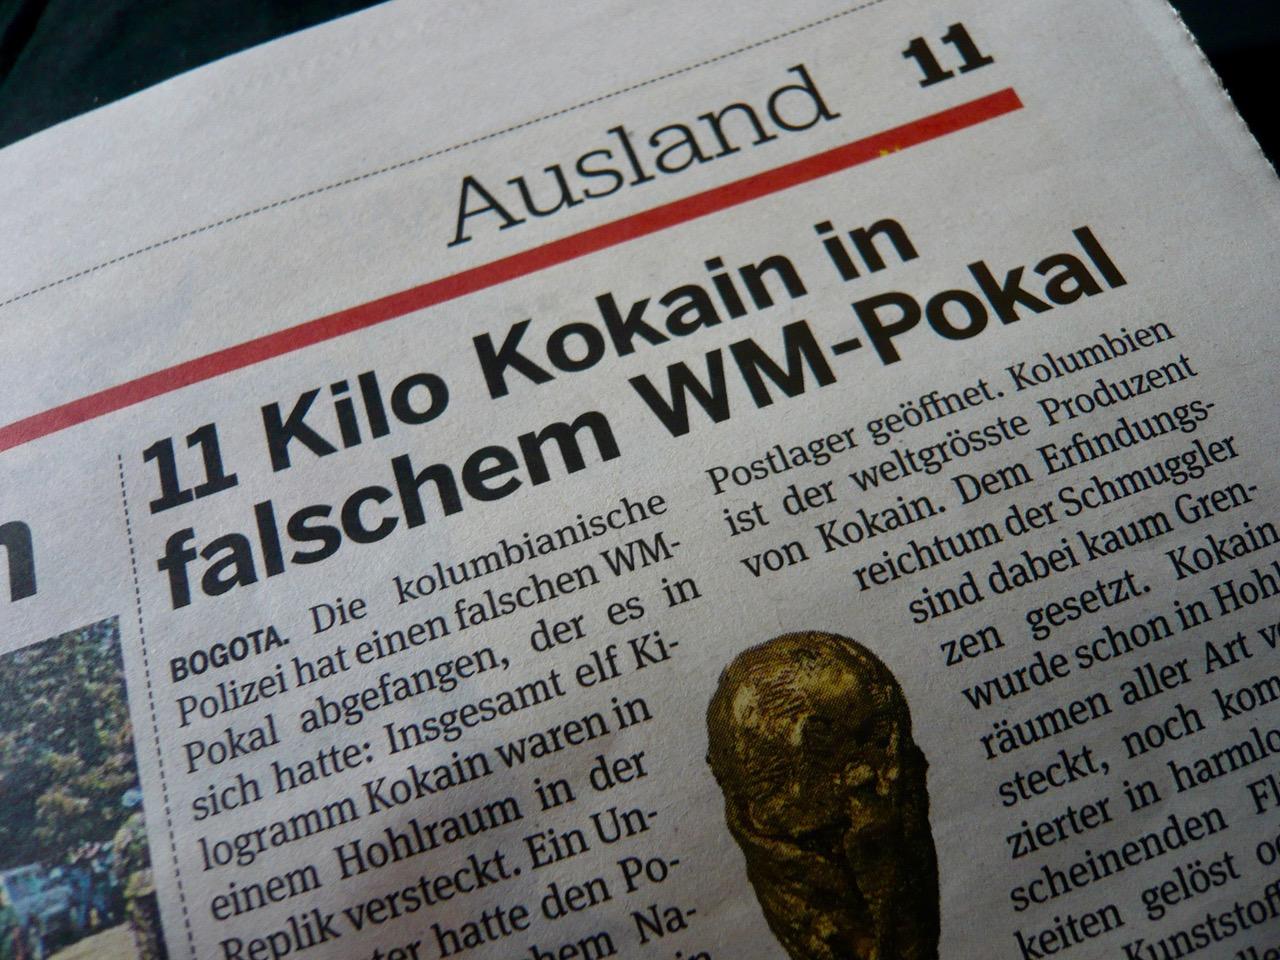 mark_benecke_herbert_hoffmann_schweiz - 20.jpeg